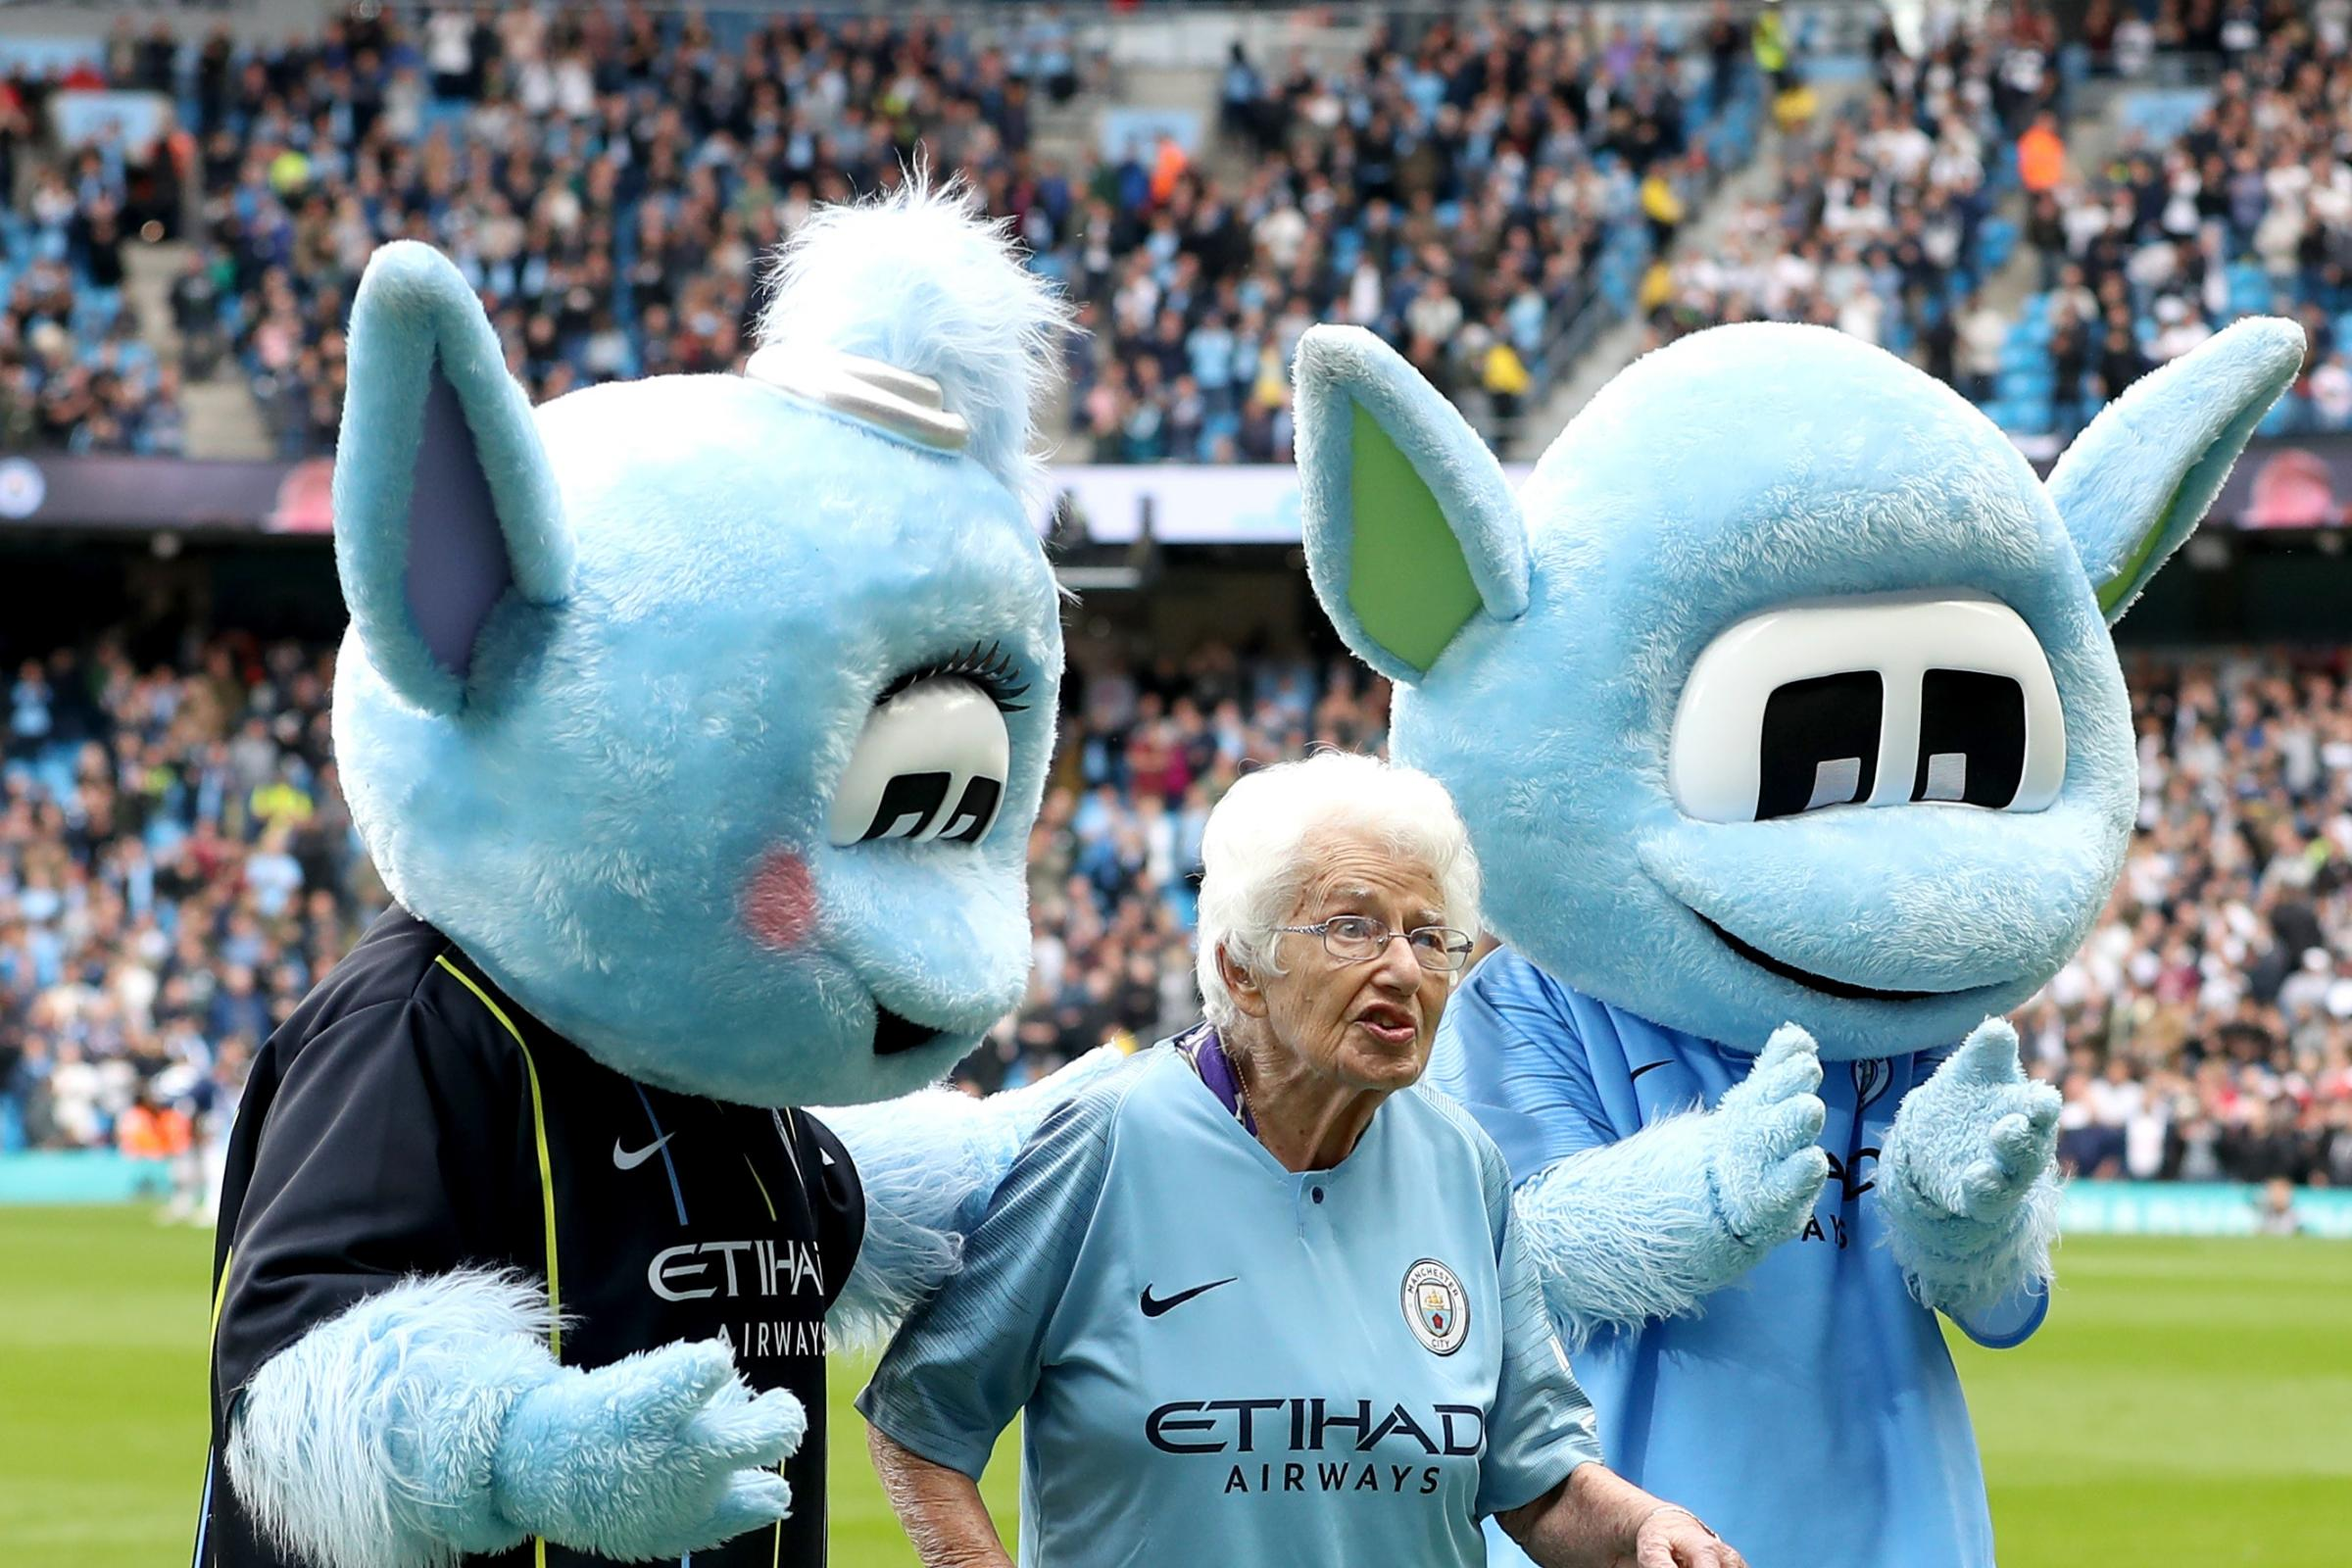 2 nhân vật bí ẩn gần 100 tuổi ra sân cùng Man City là ai? - Bóng Đá